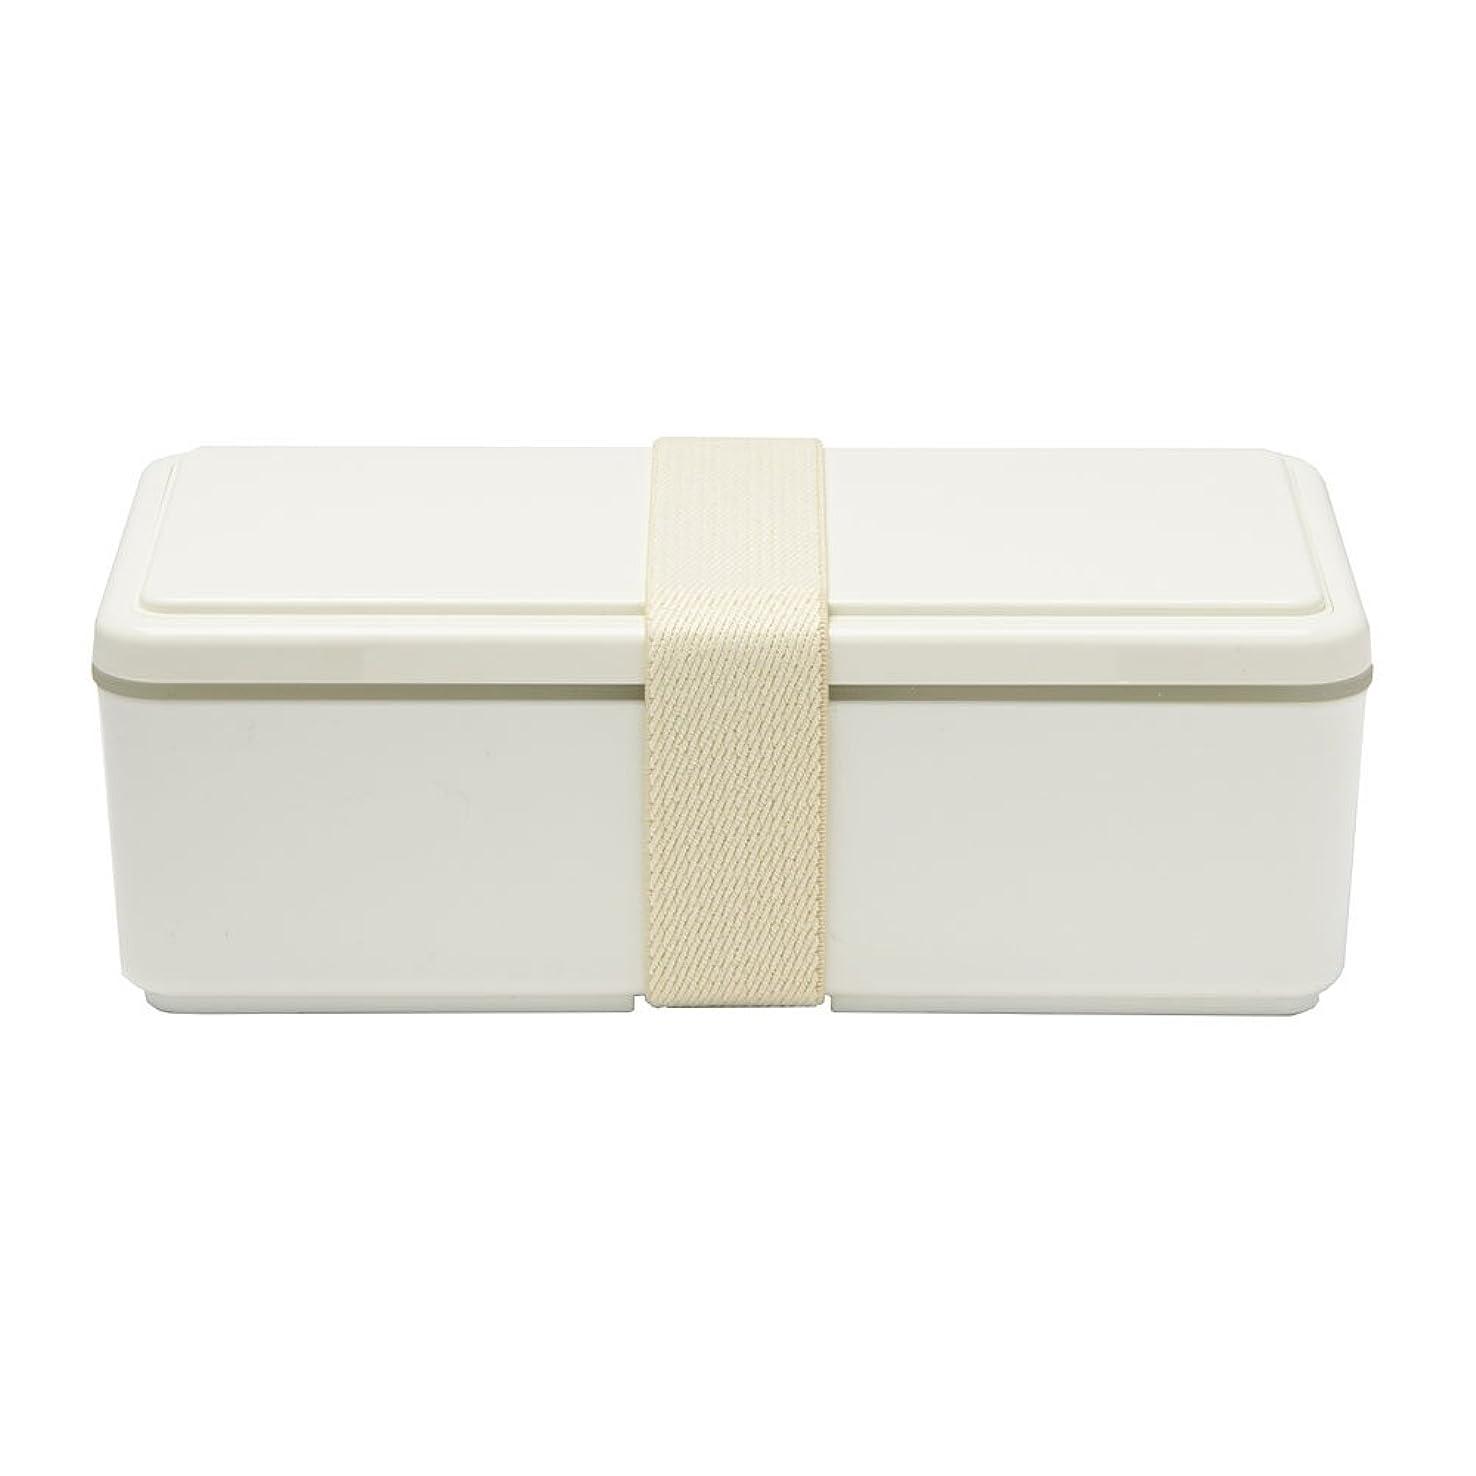 銛ドアミラーズームインするGEL-COOL ランチボックス 保冷剤一体型 スクエア SG ミルクホワイト 0101-0033